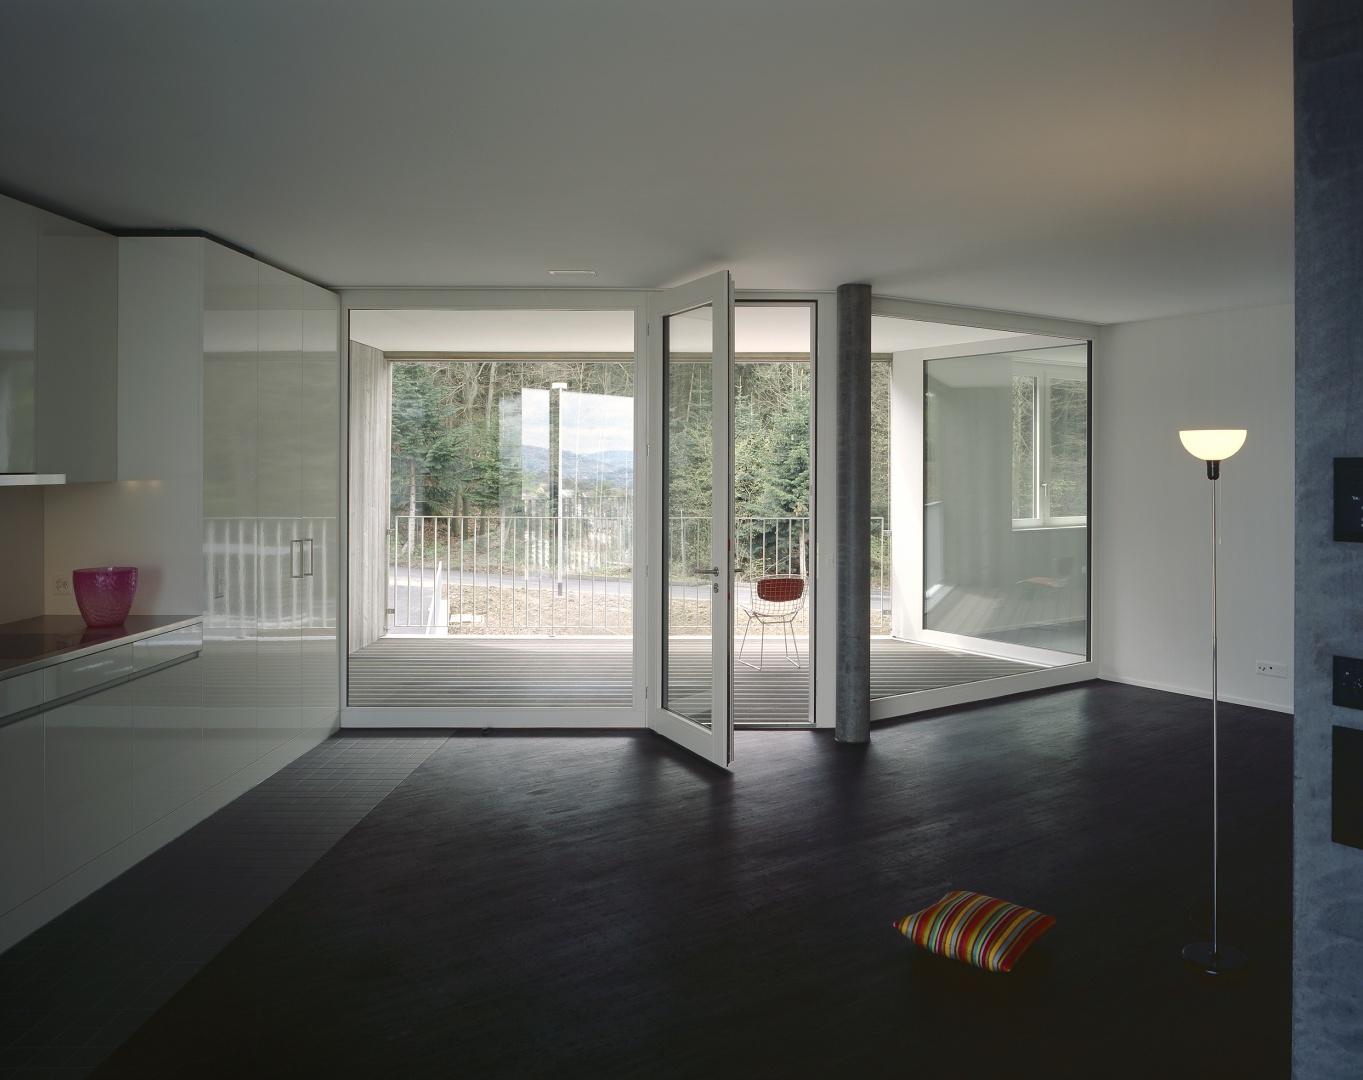 Wohnung mit Essküche © Reinhard Zimmermann, Baar